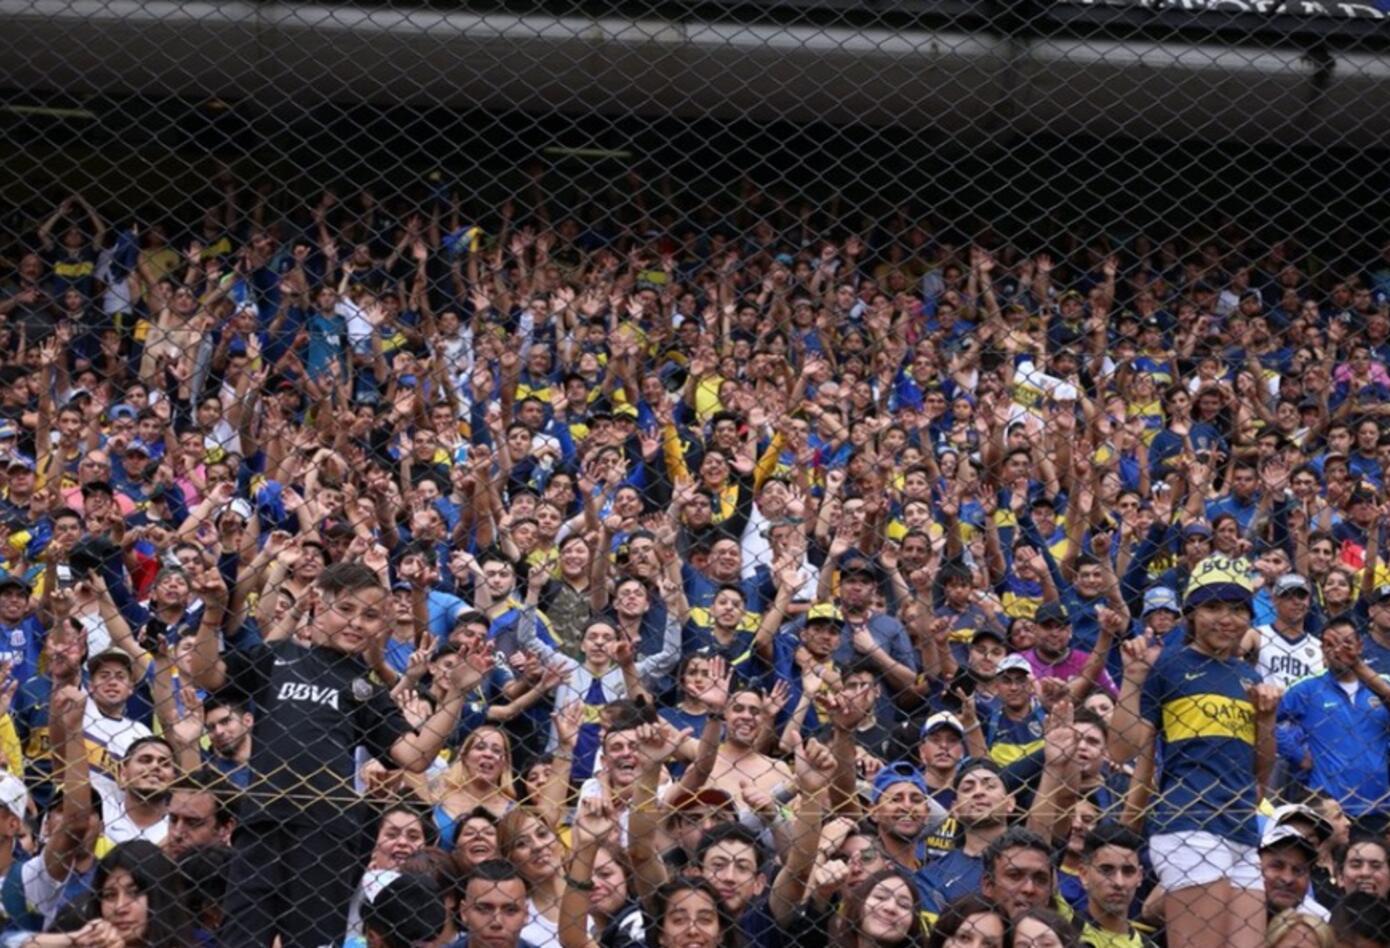 Los xeneizes esperan la hora del inició del crucial partido en cancha de River.